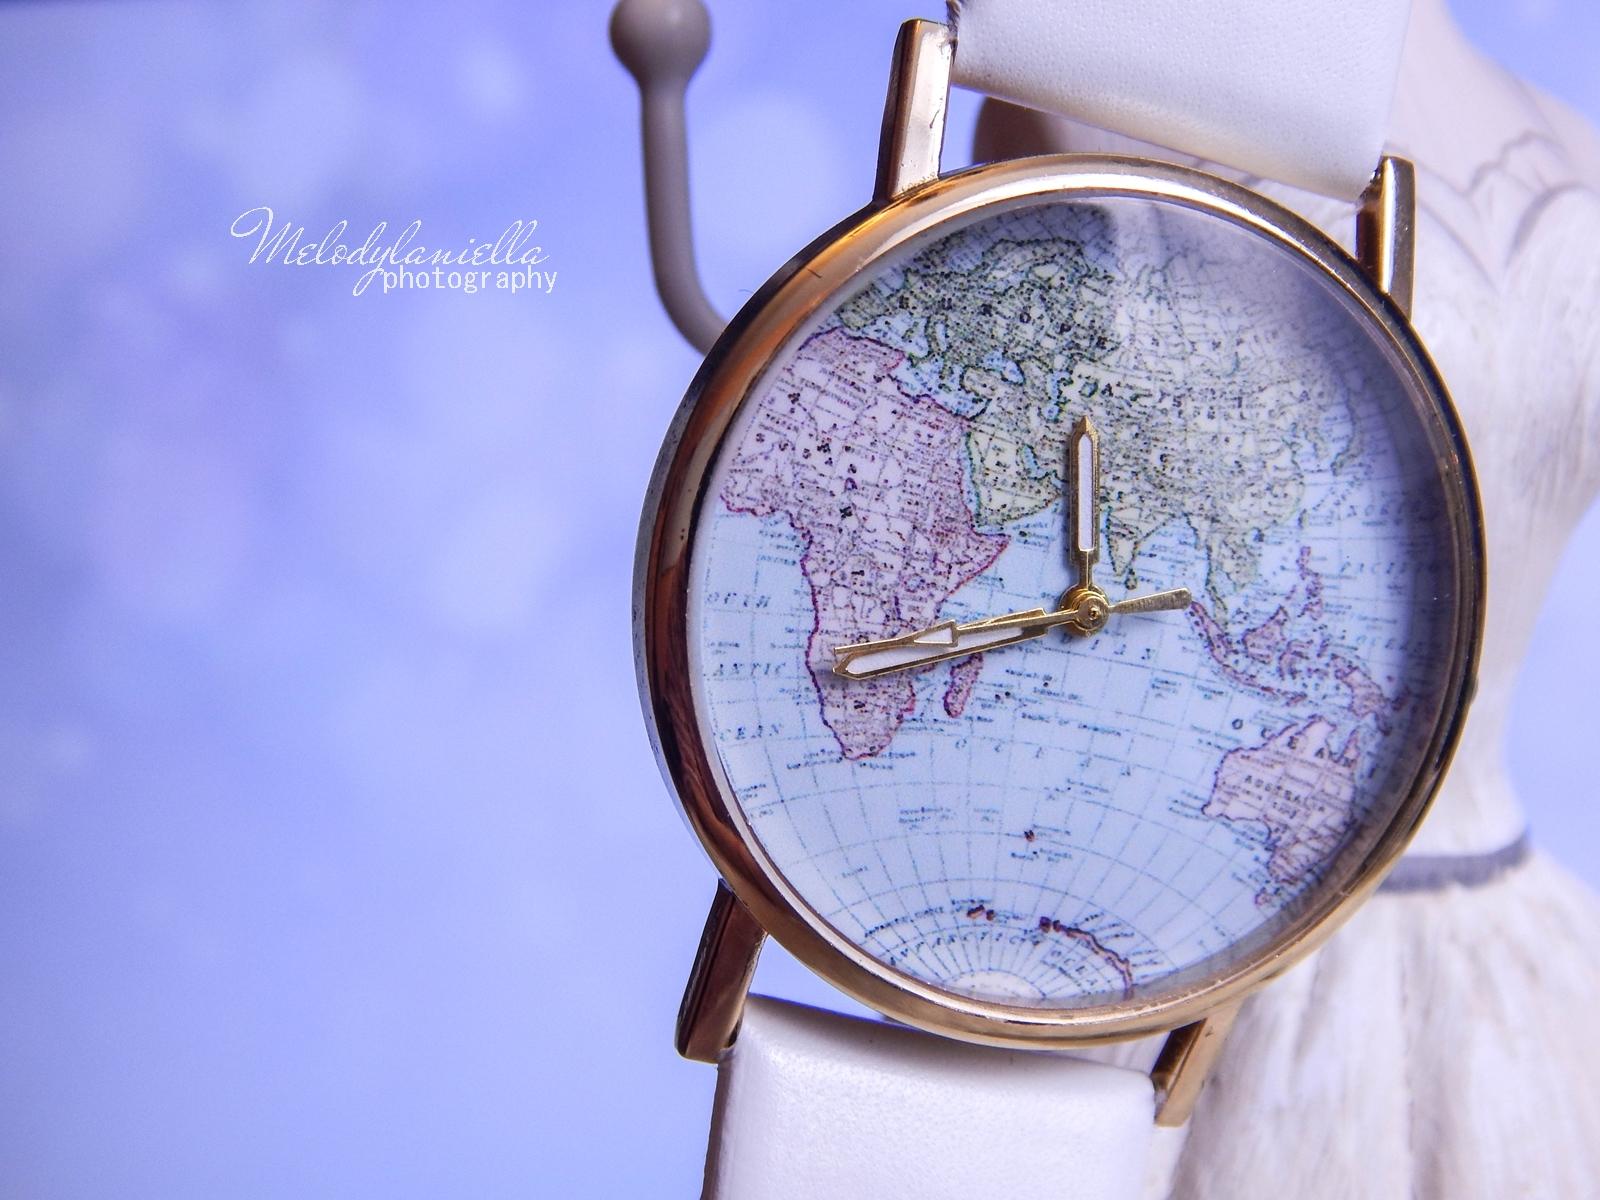 19 Biżuteria z chińskich sklepów sammydress kolczyk nausznica naszyjnik wisiorki z kryształkiem świąteczna biżuteria ciekawe dodatki stylowe zegarki pióra choker chokery złoty srebrny złoto srebro obelisk